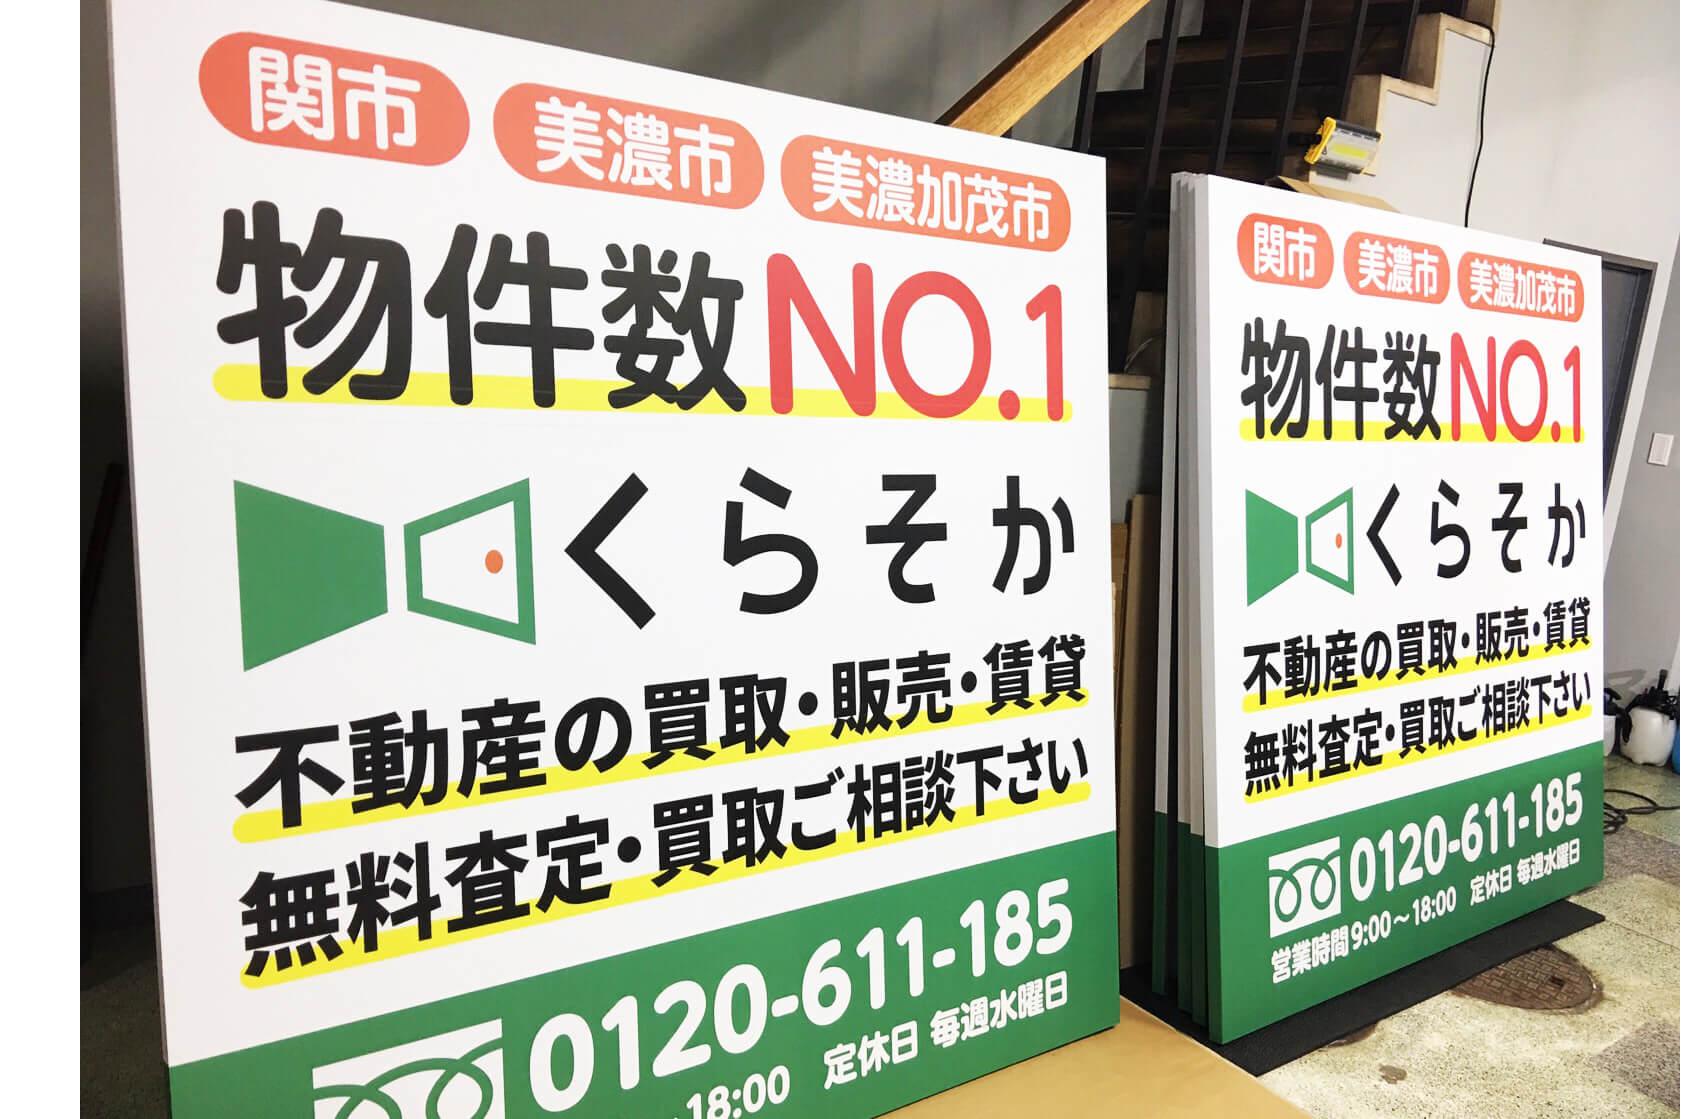 くらそか - 【岐阜県関市】不動産業者様からの野立て看板施工を担当させていただきました。